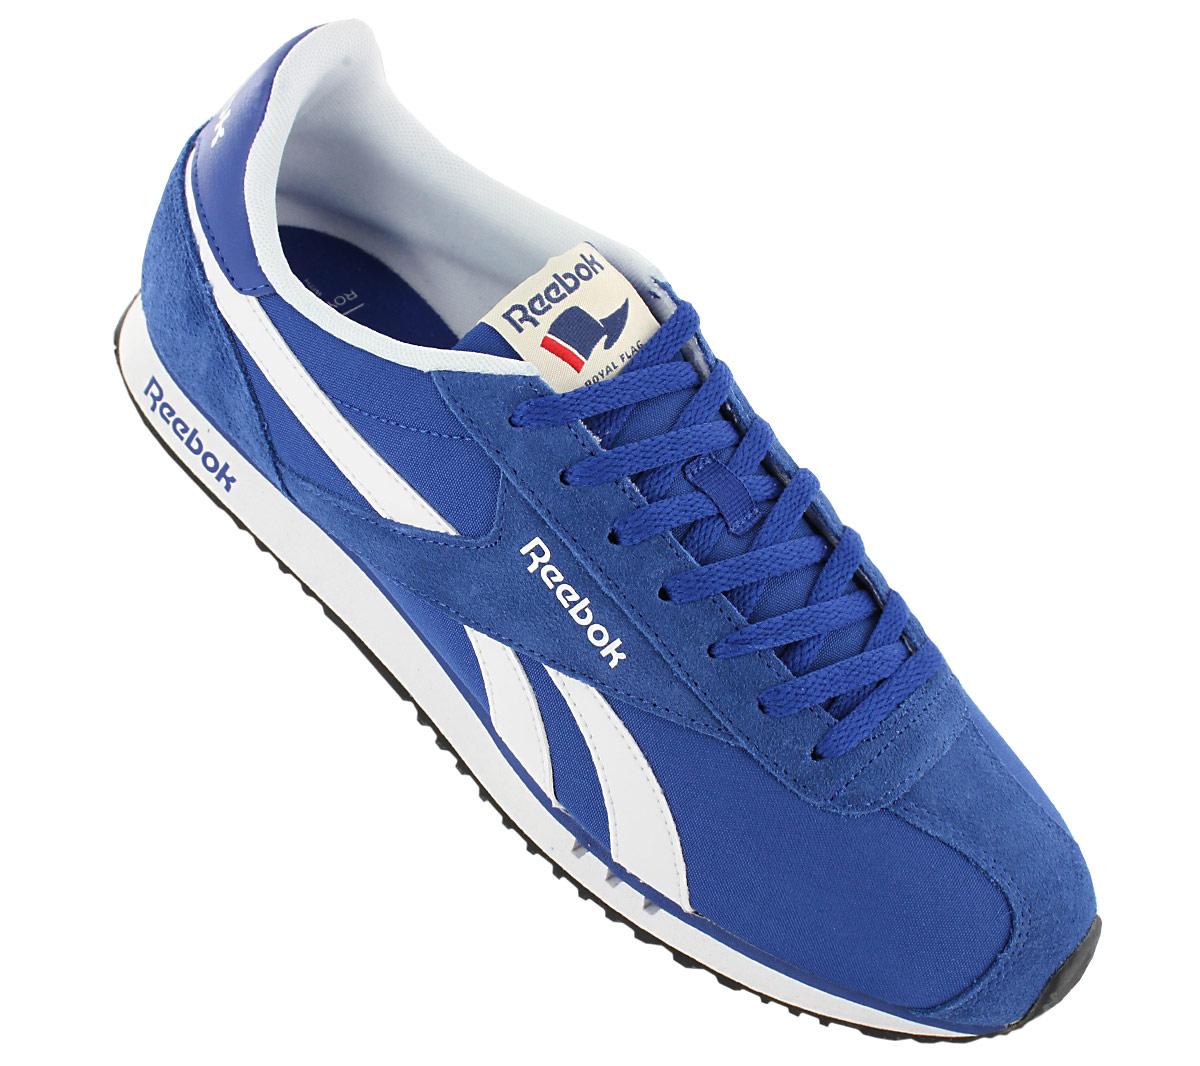 5a4830bdf51 Reebok Classic Royal Alperez Dash Men s Sneakers Retro Shoes ...